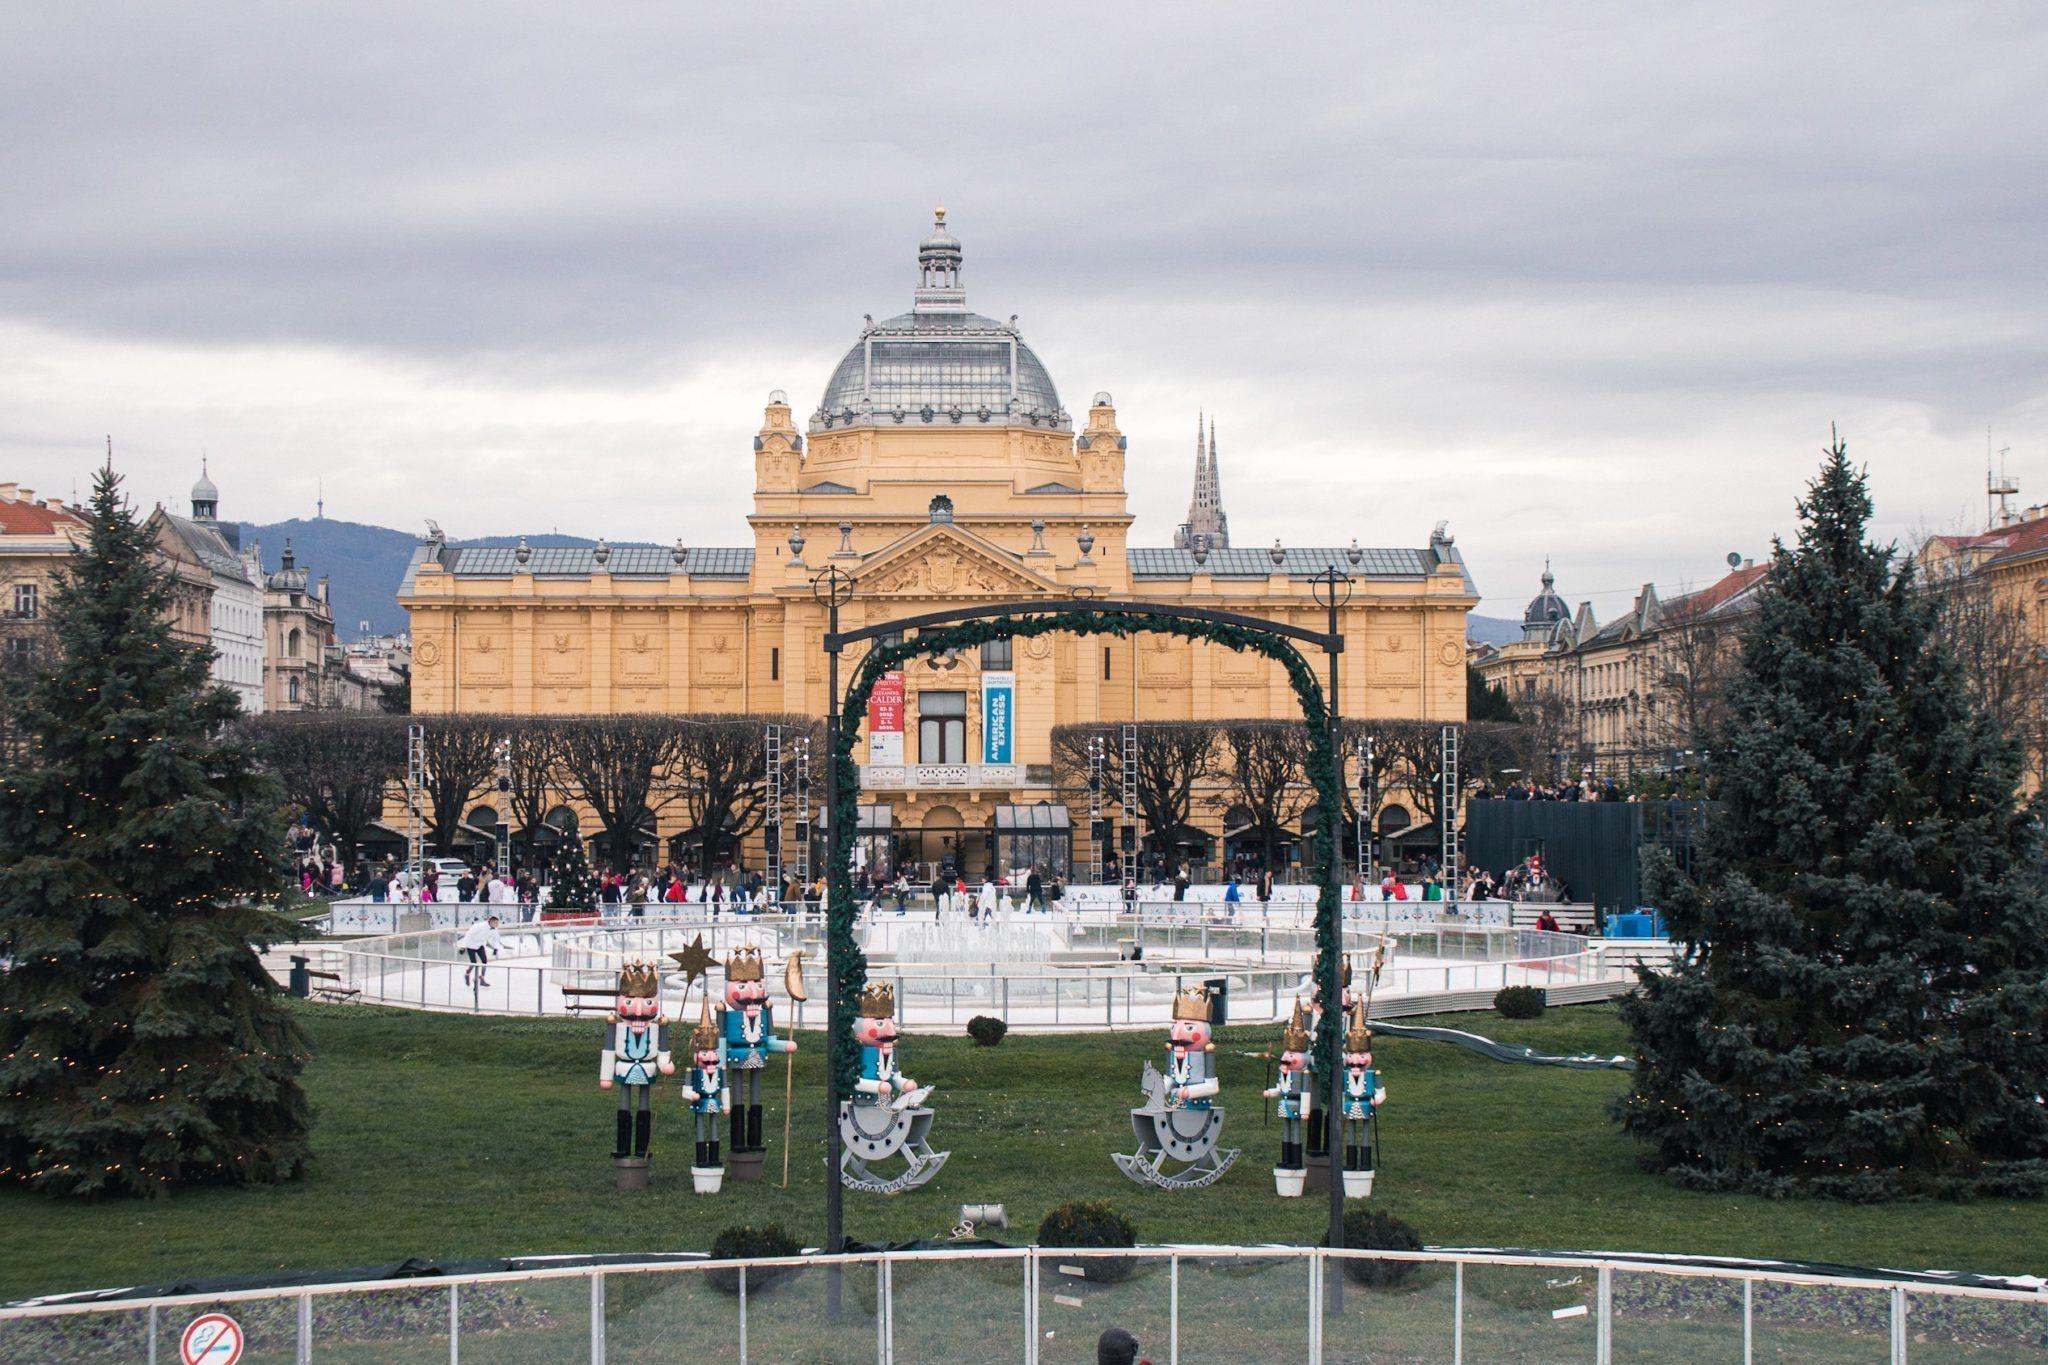 King Tovlav Square Zagreb In 2020 Christmas Market Zagreb Winter Destination